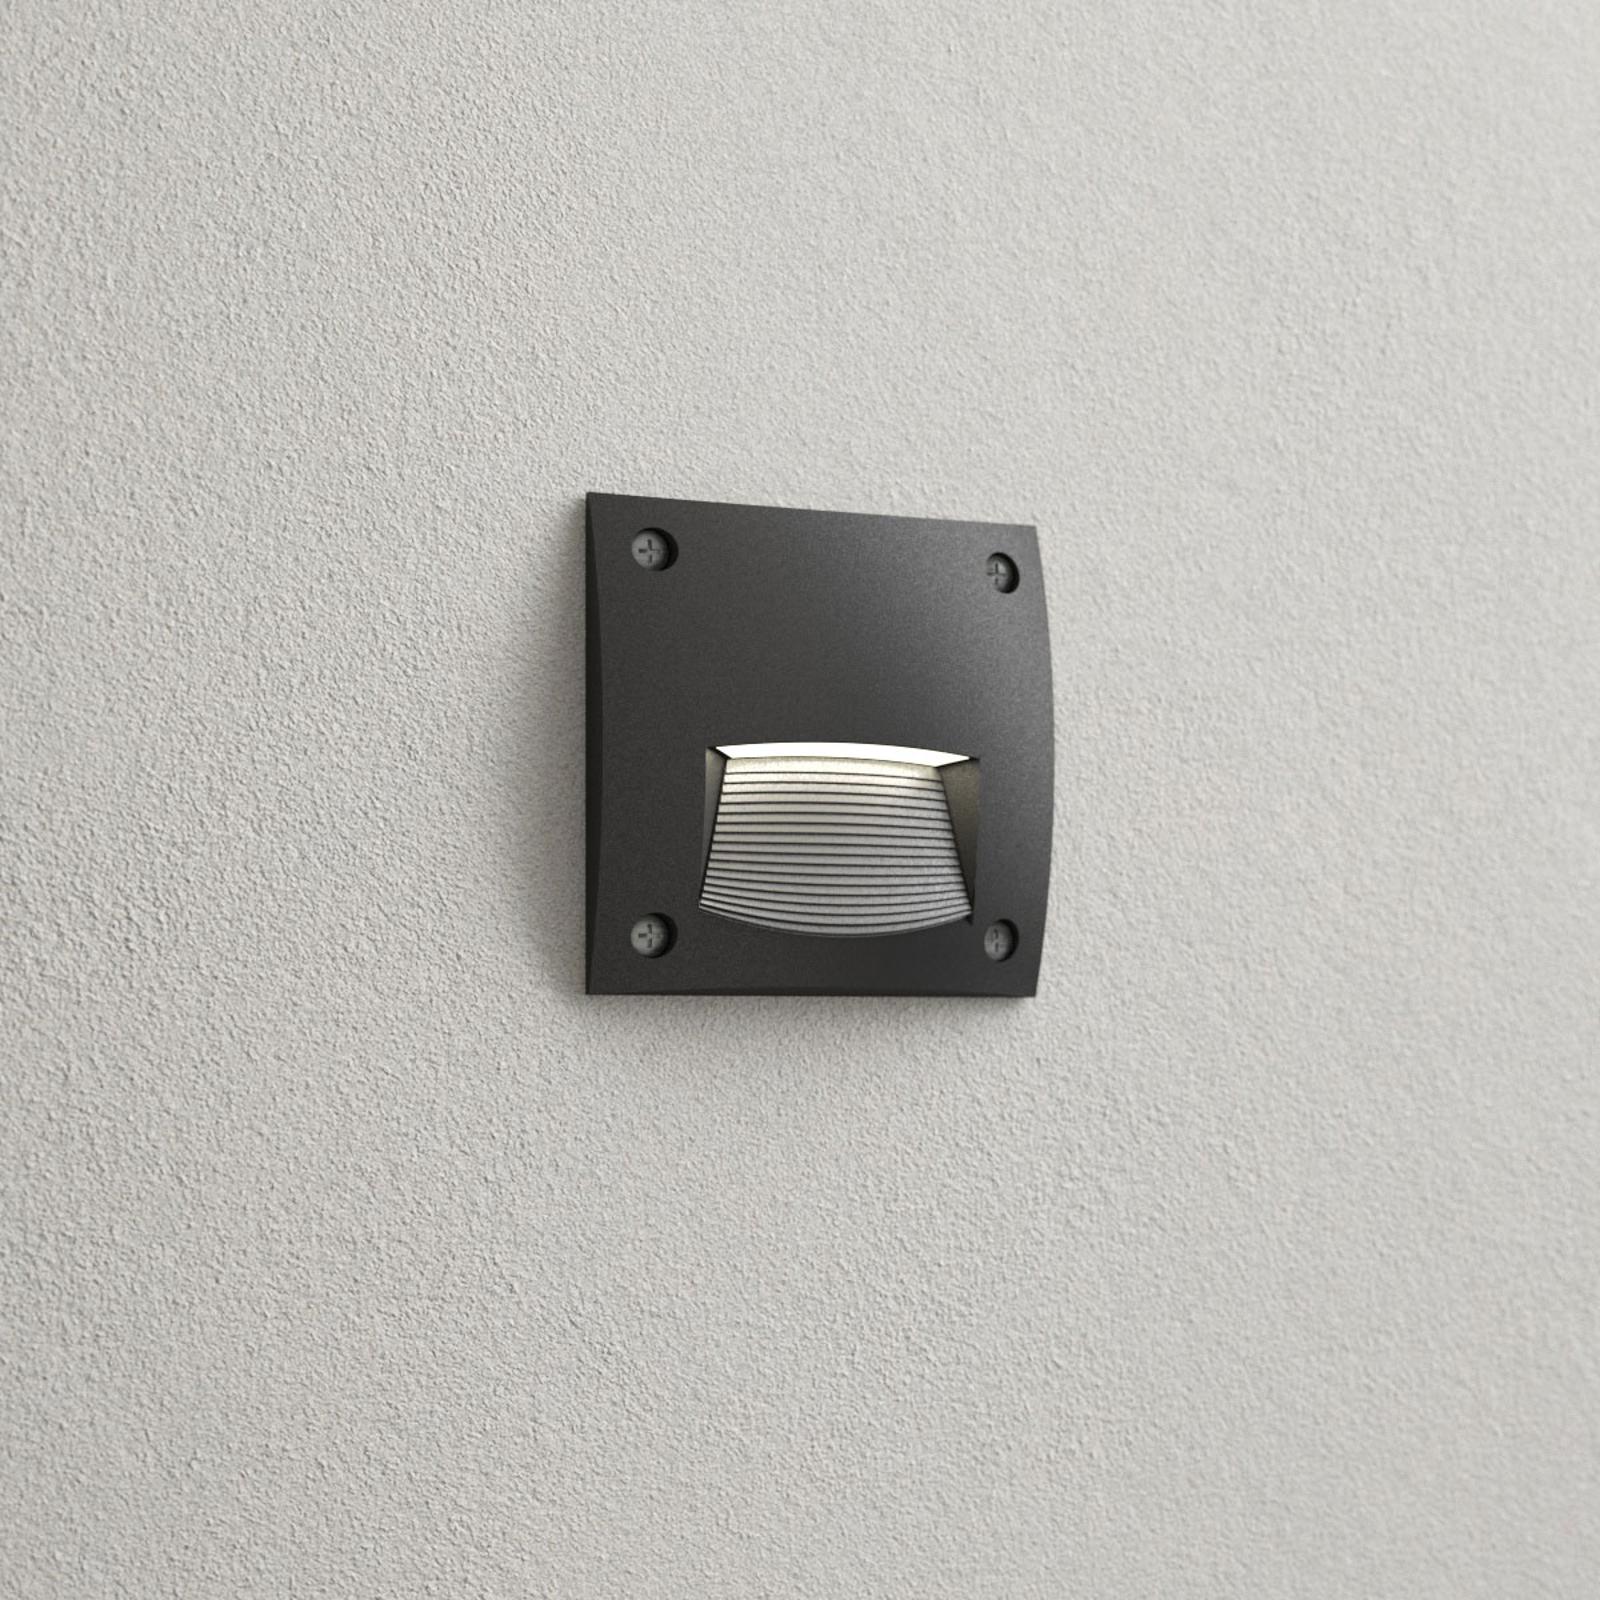 Leti 100 Square-ST innfellingslampe svart, 3000K